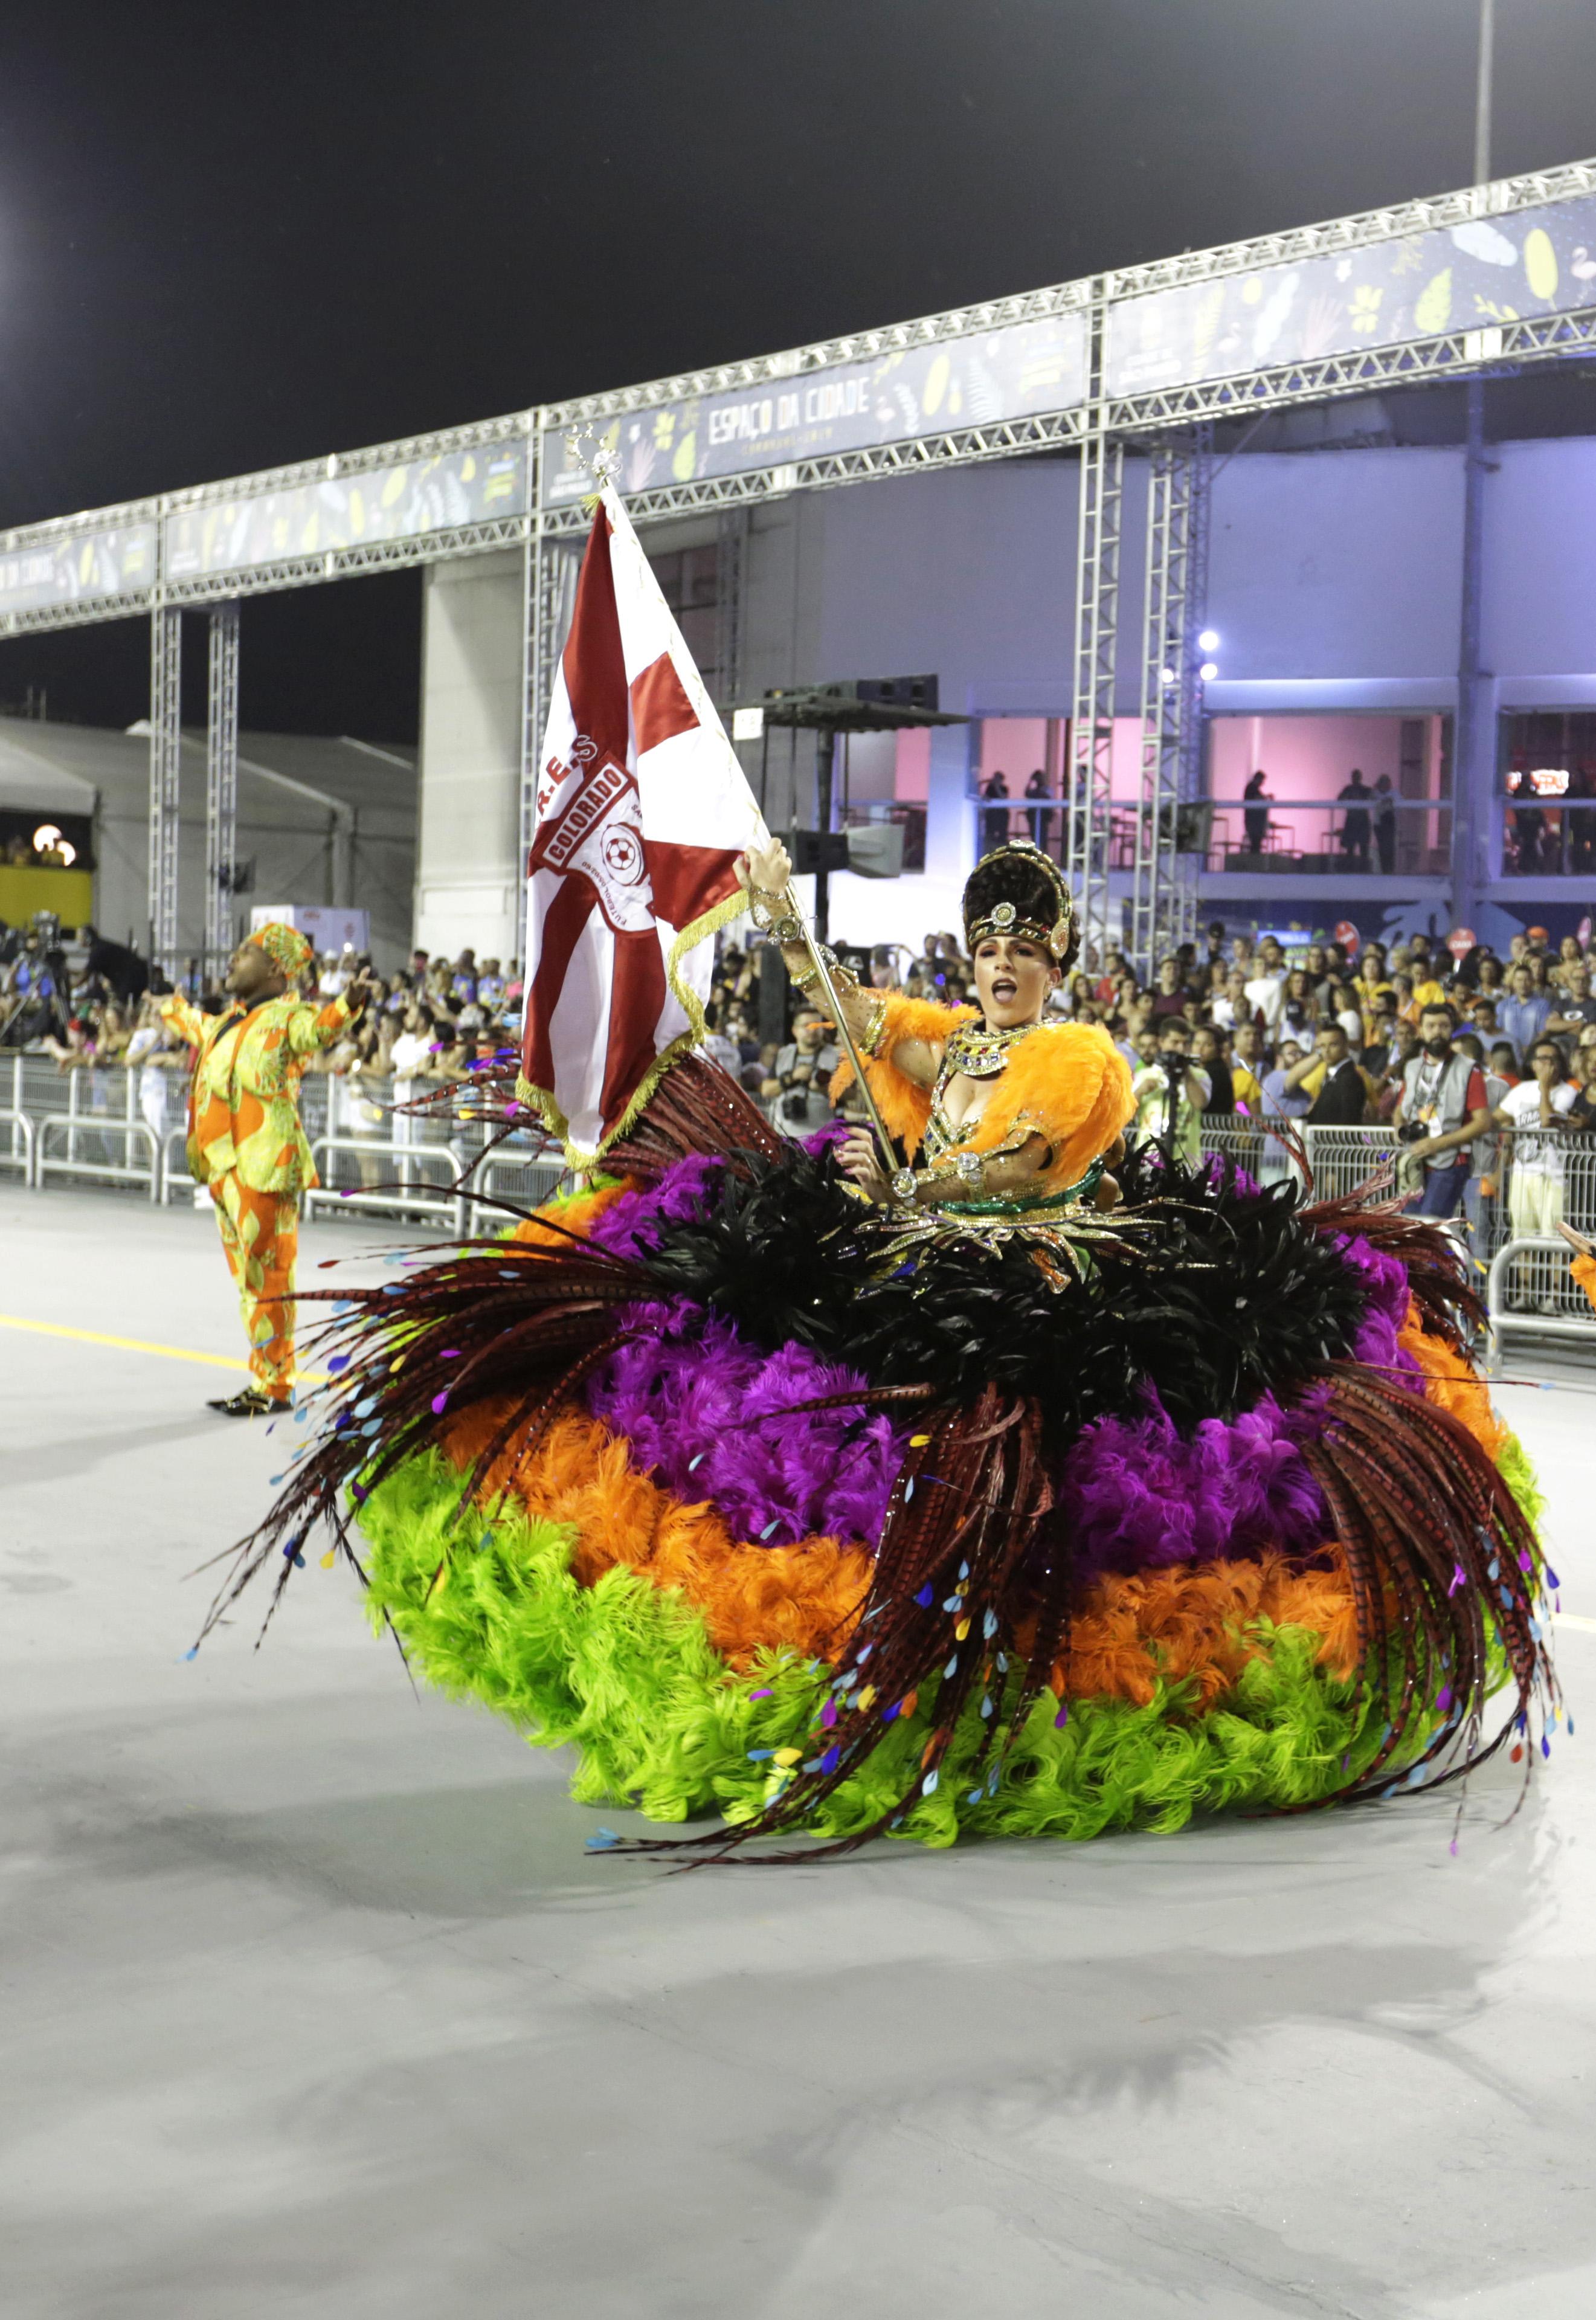 Relatório da pesquisa de perfil de público no Carnaval Paulistano 2019